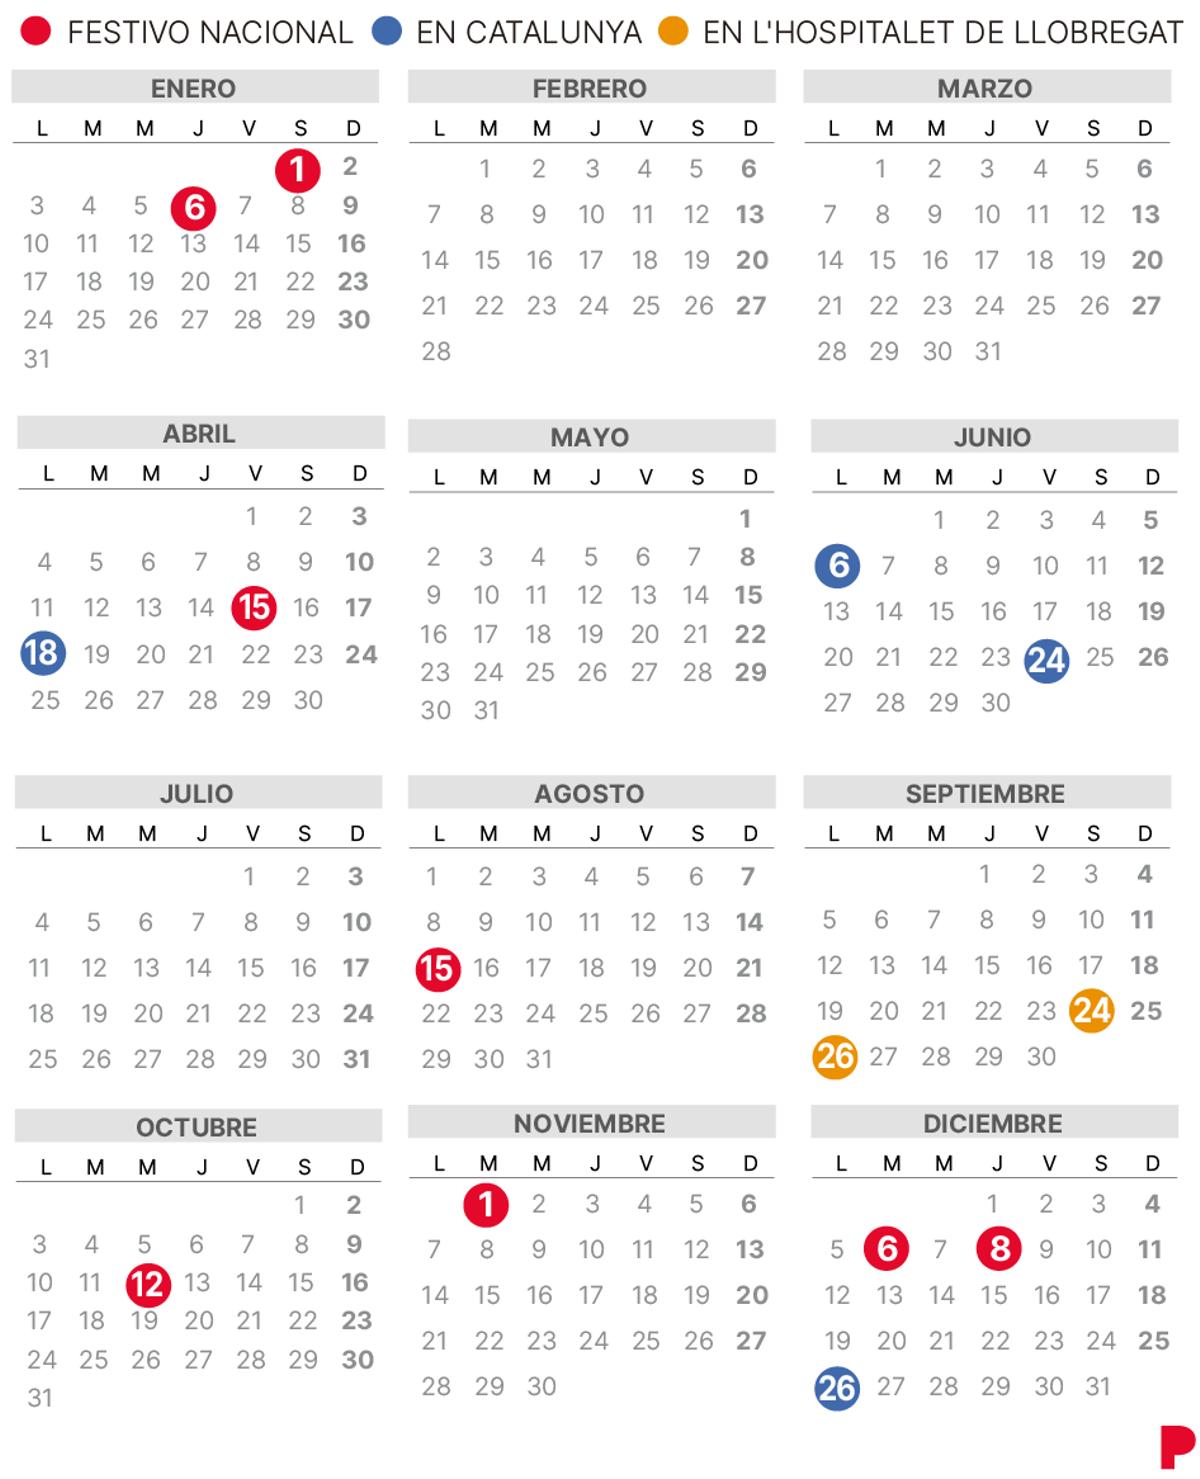 Calendario laboral de L'Hospitalet de Llobregat 2022.